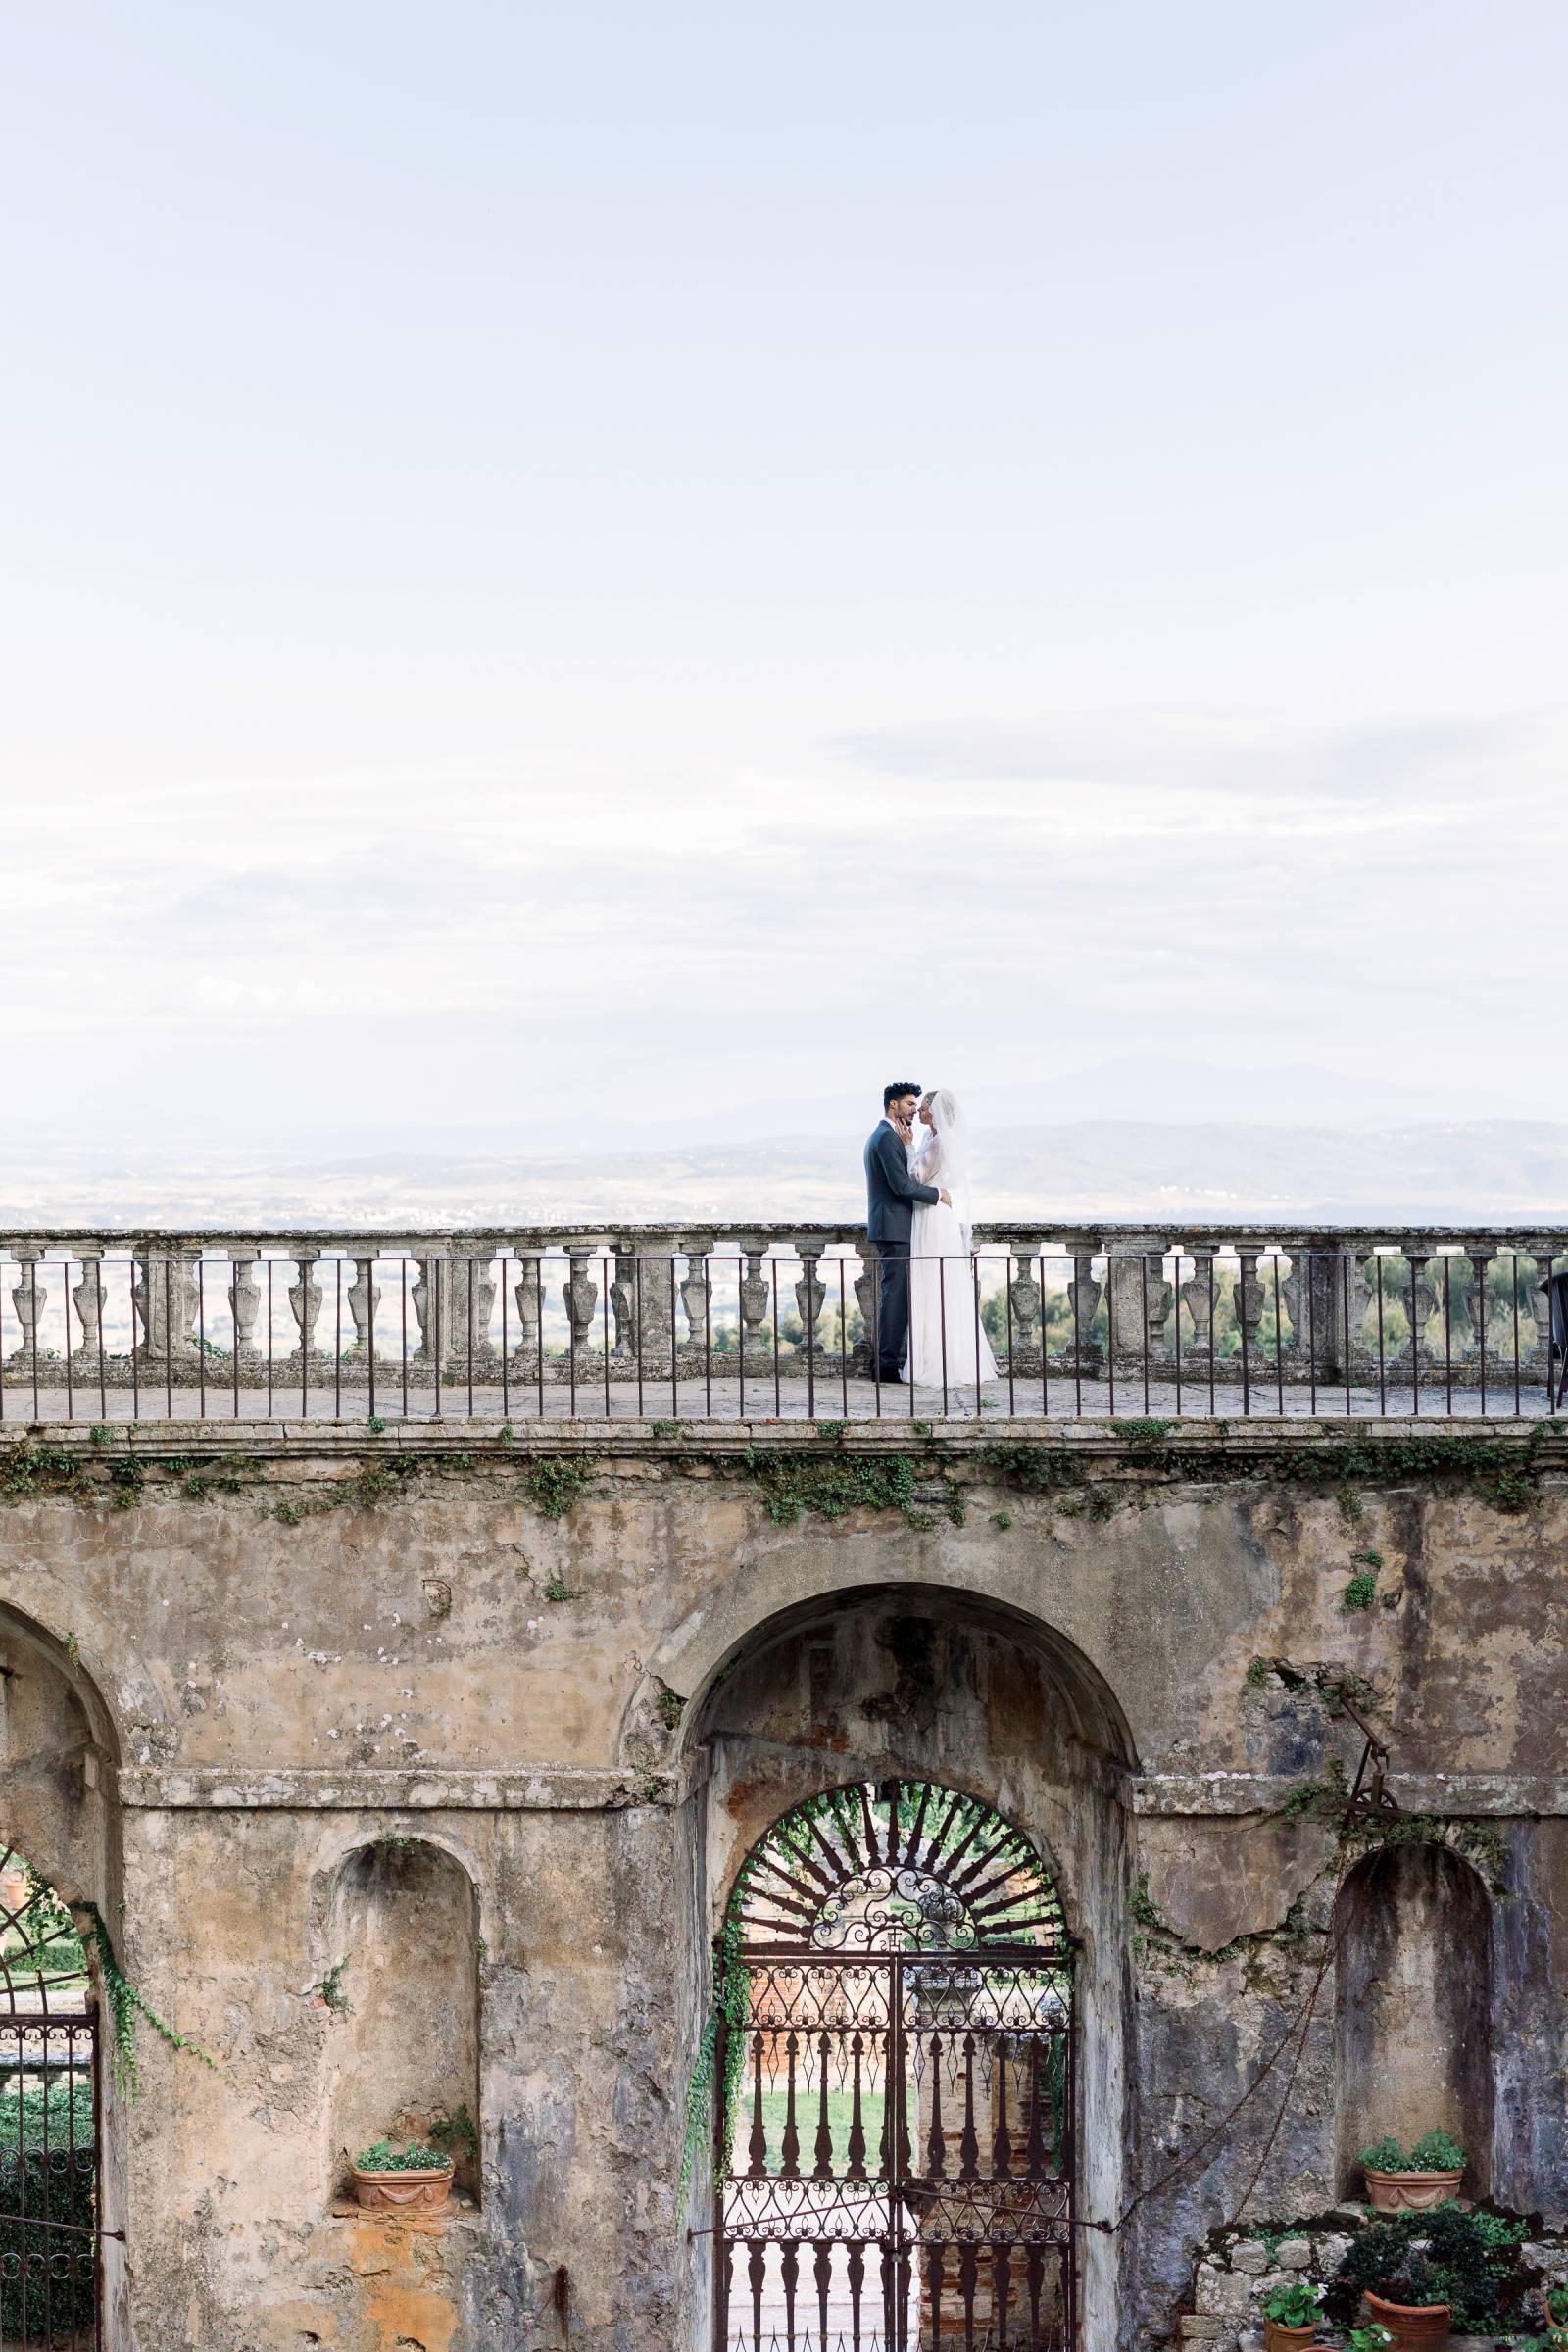 Rossini-Weddings-tuscany-wedding11